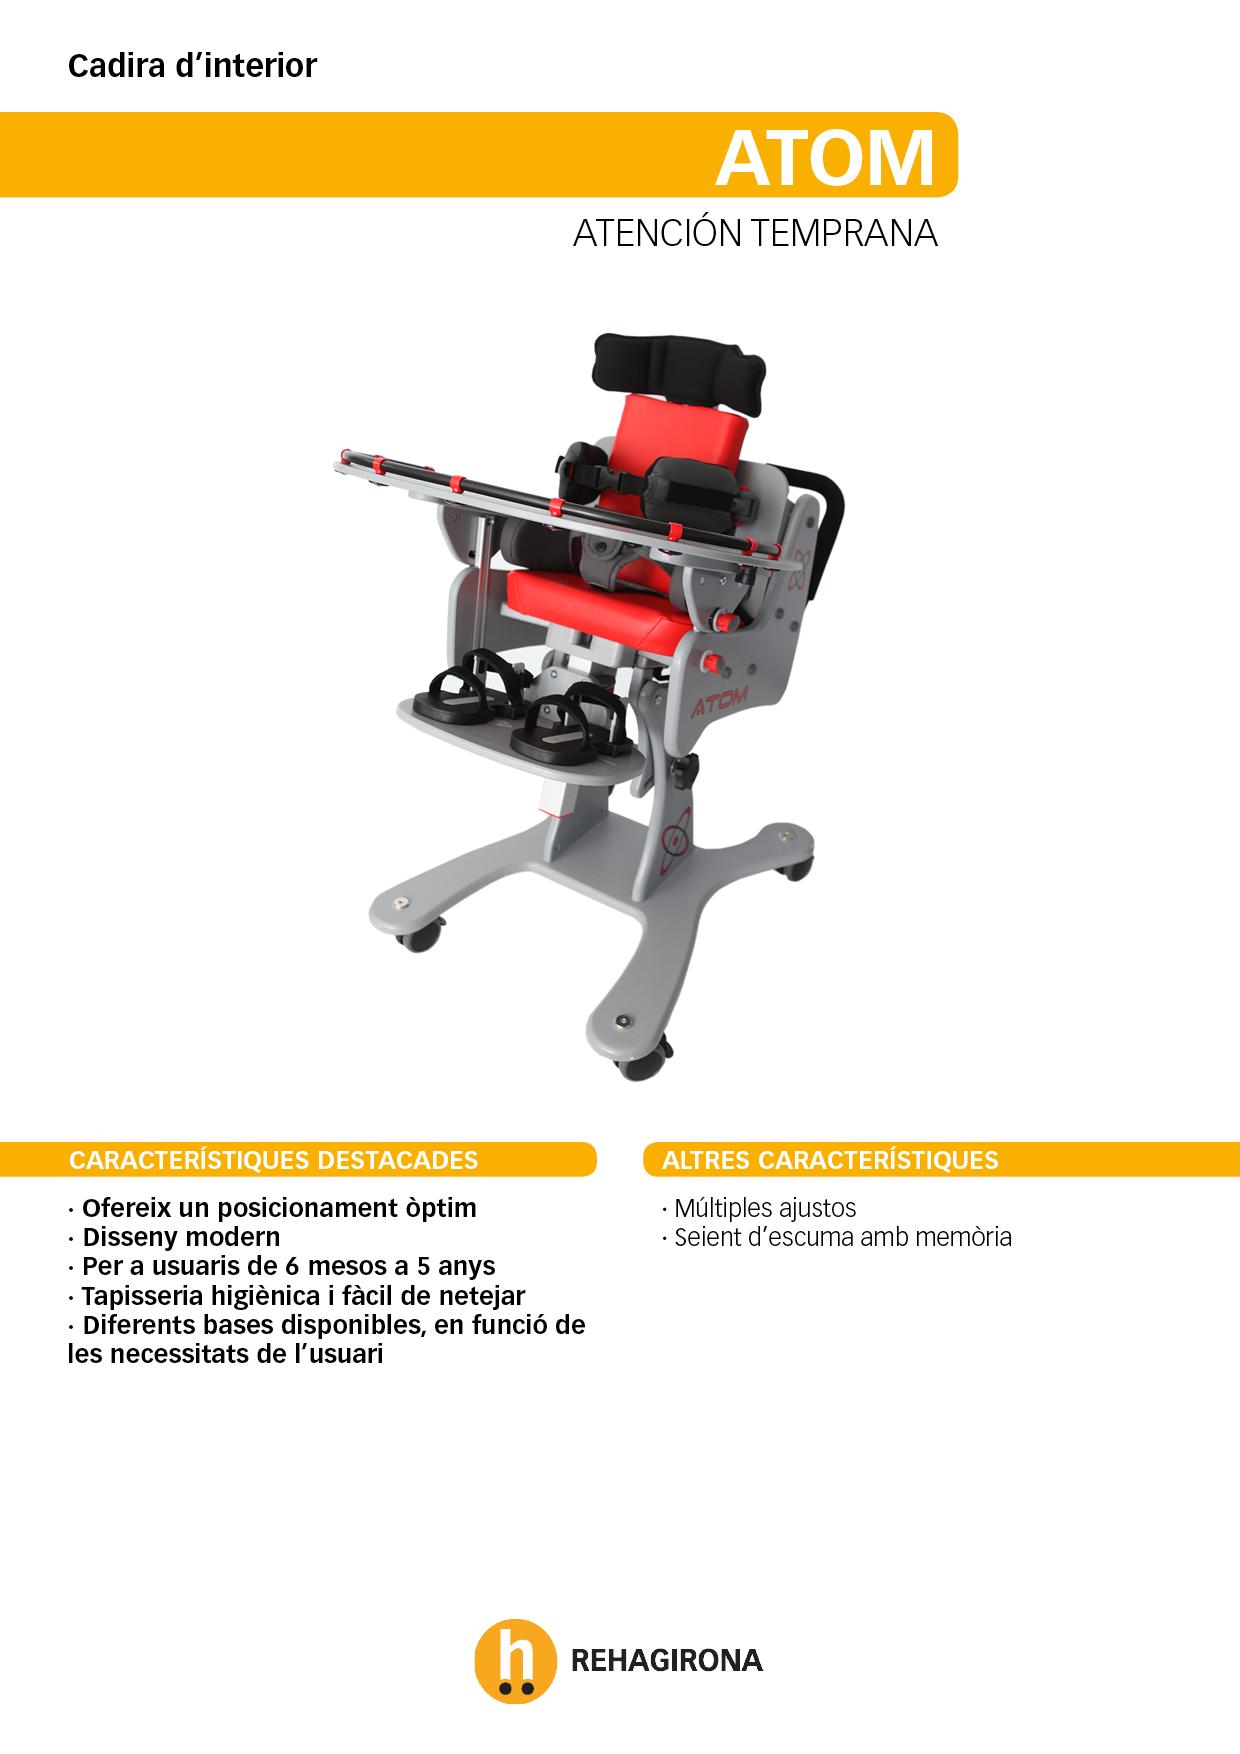 Característiques i beneficis més destacats de la cadira d'interior Atom - Rehagirona